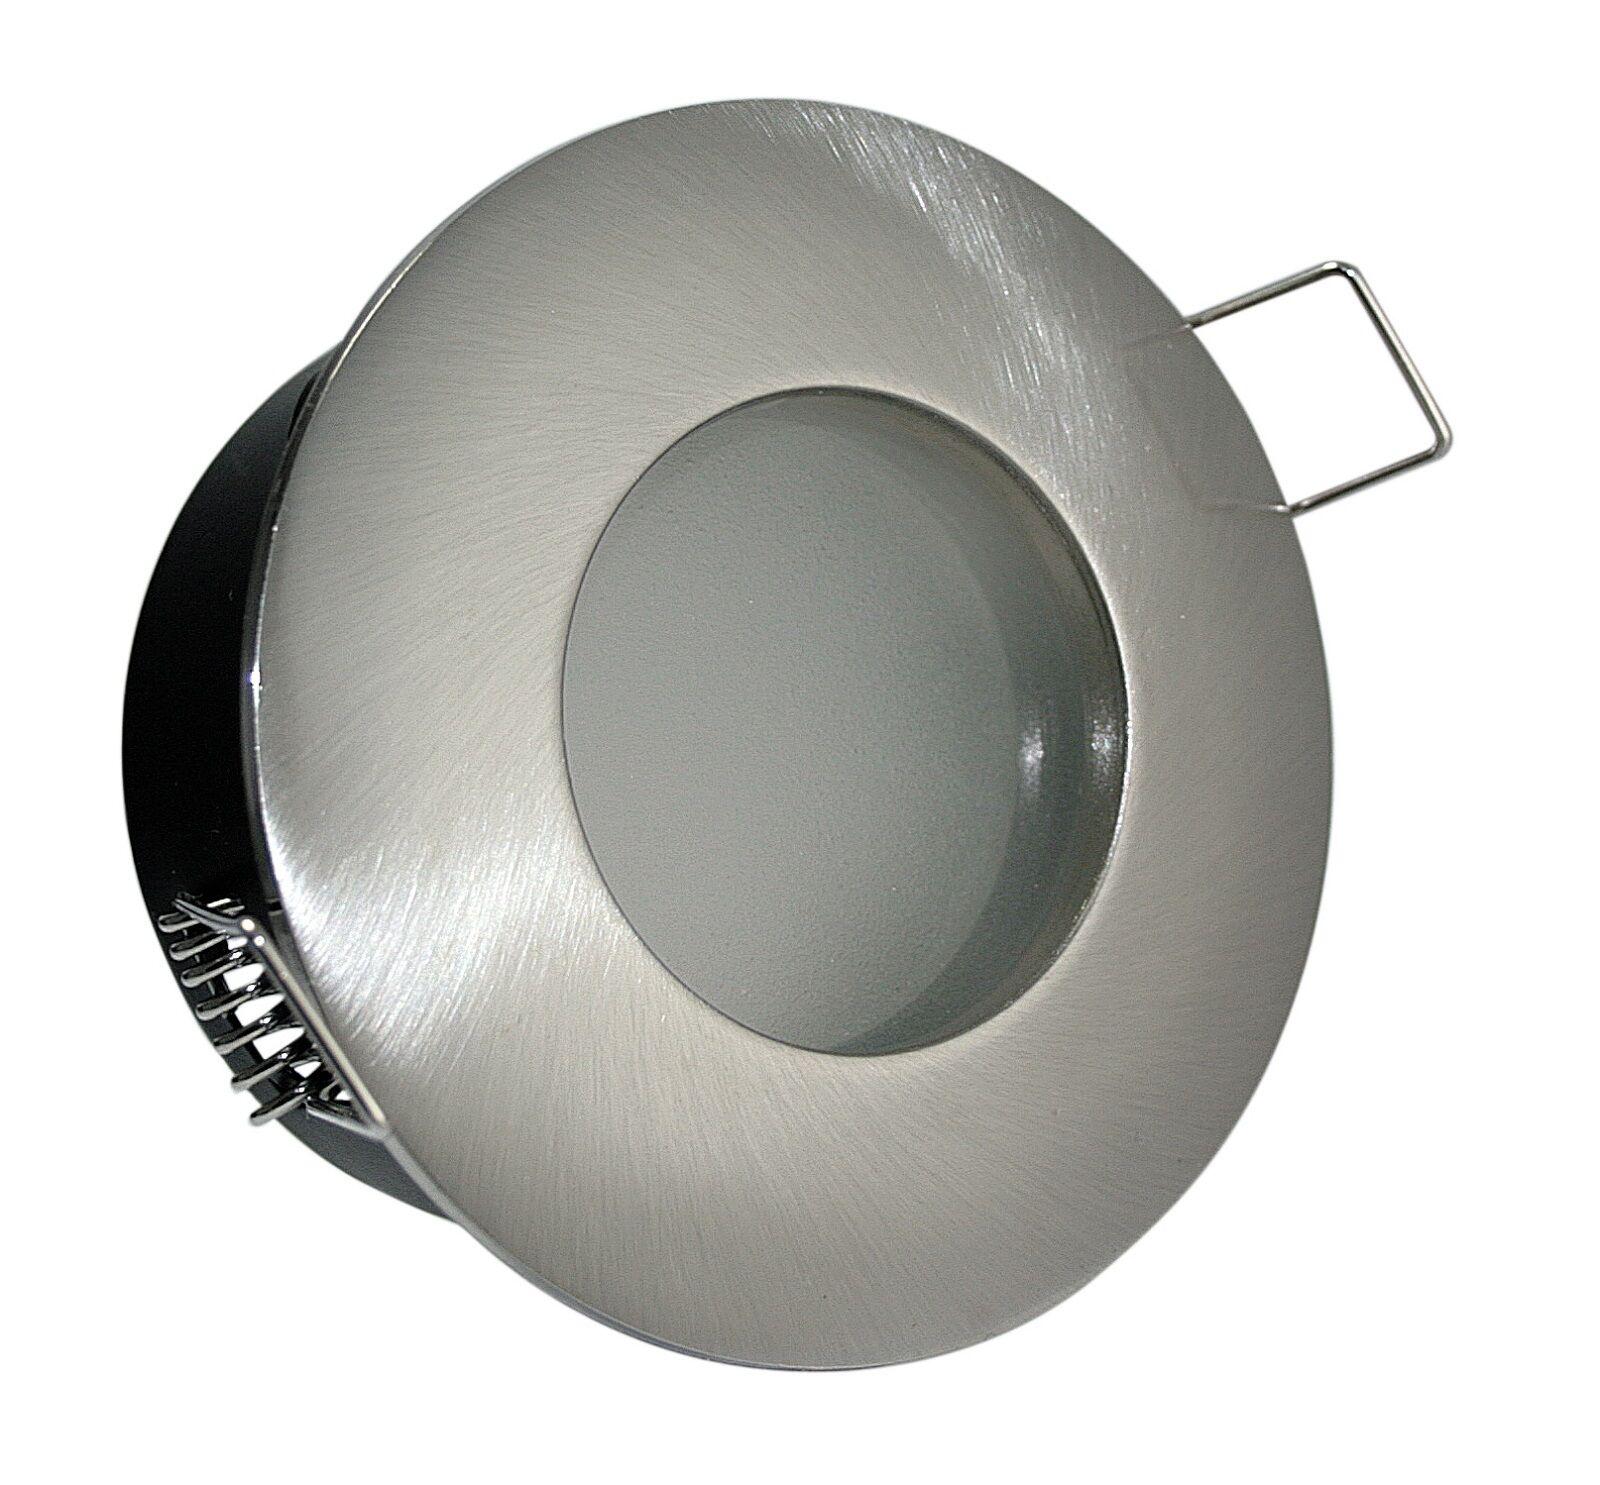 230V LED Feuchtraum Einbaustrahler Aqua 7W = 52W Bad & Dusche IP65 mit GU10 LM